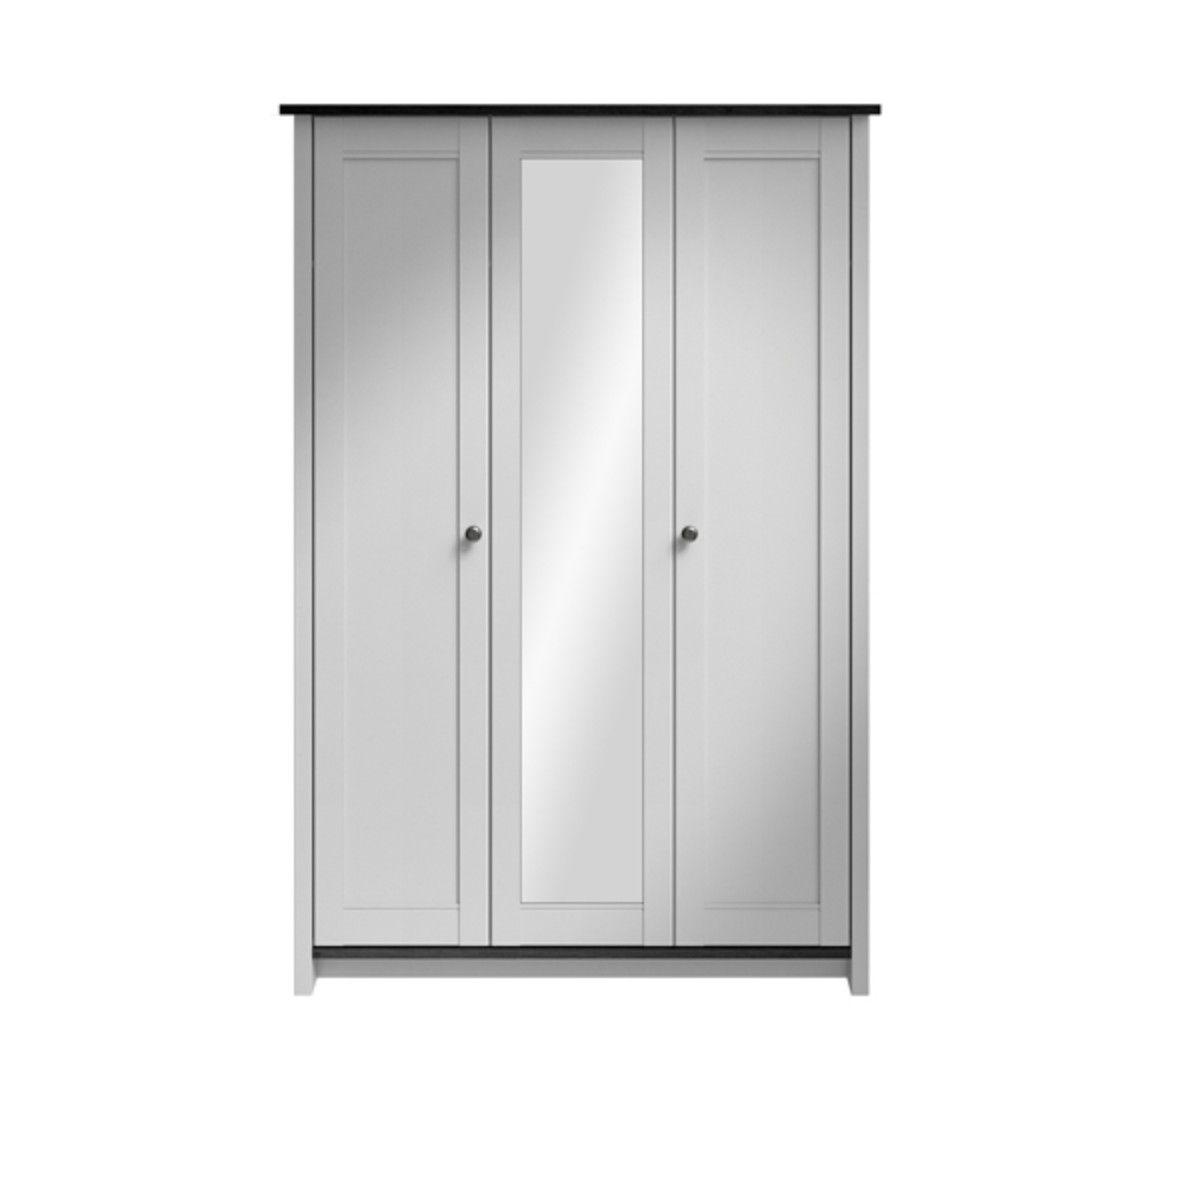 Loft bedroom no door  pine wardrobe london  bedroom storage without closet  wardrobes